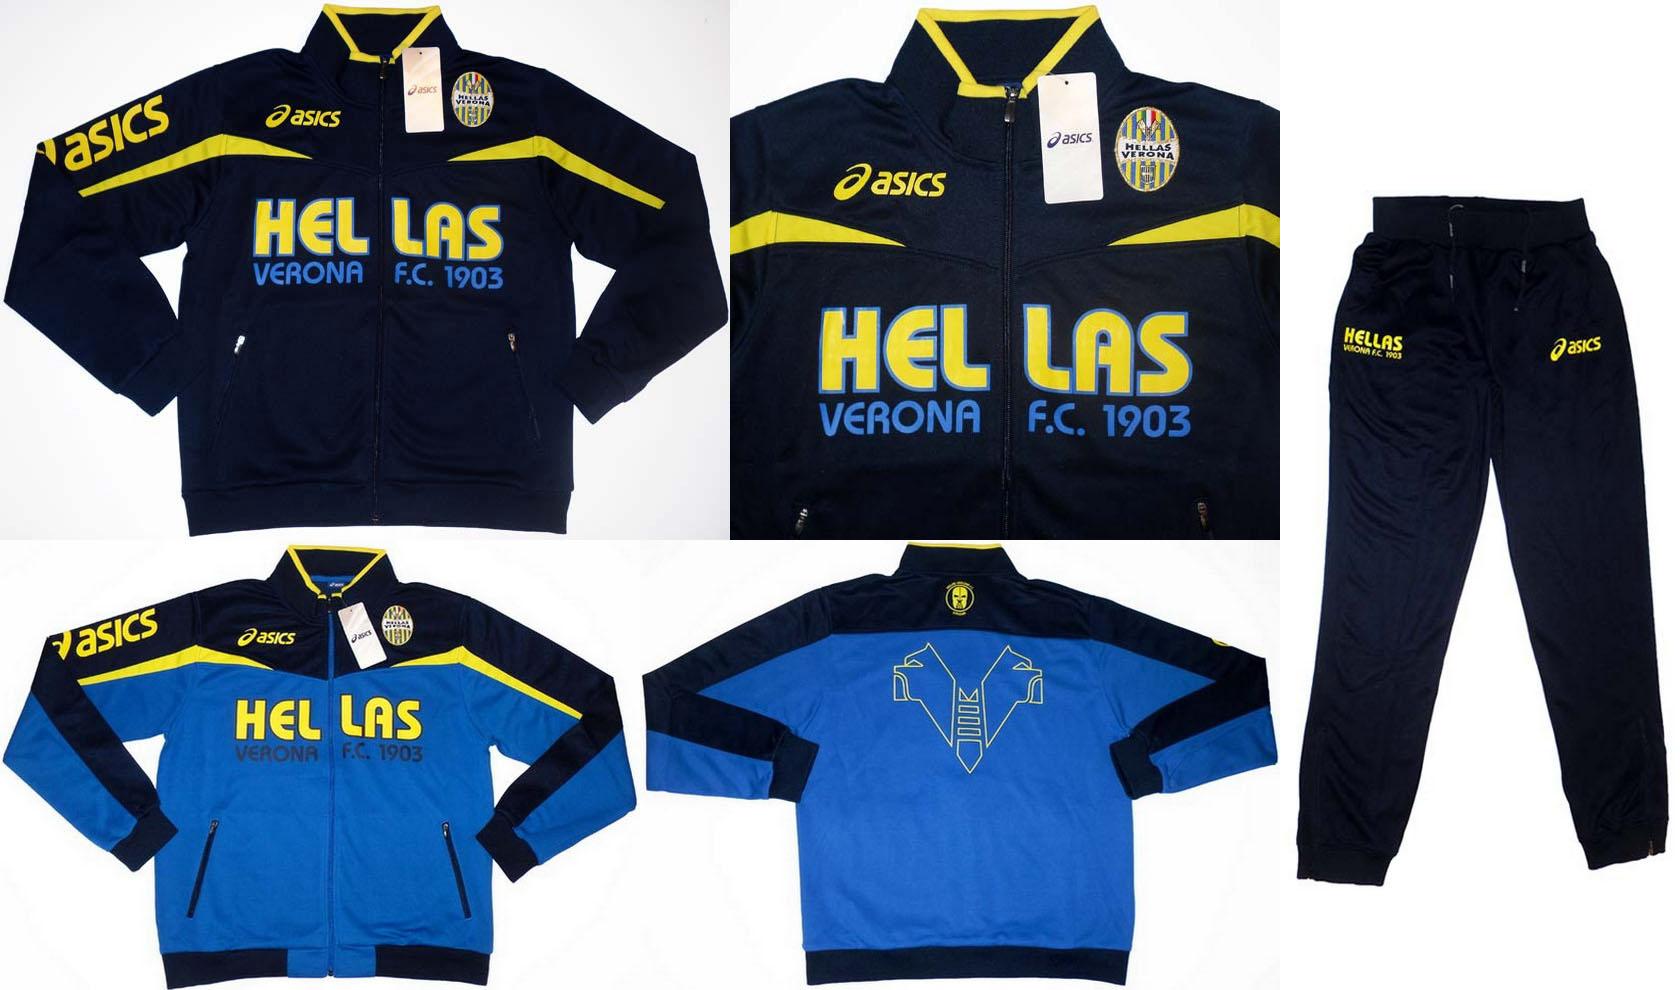 Спортивная Одежда Asics Интернет Магазин